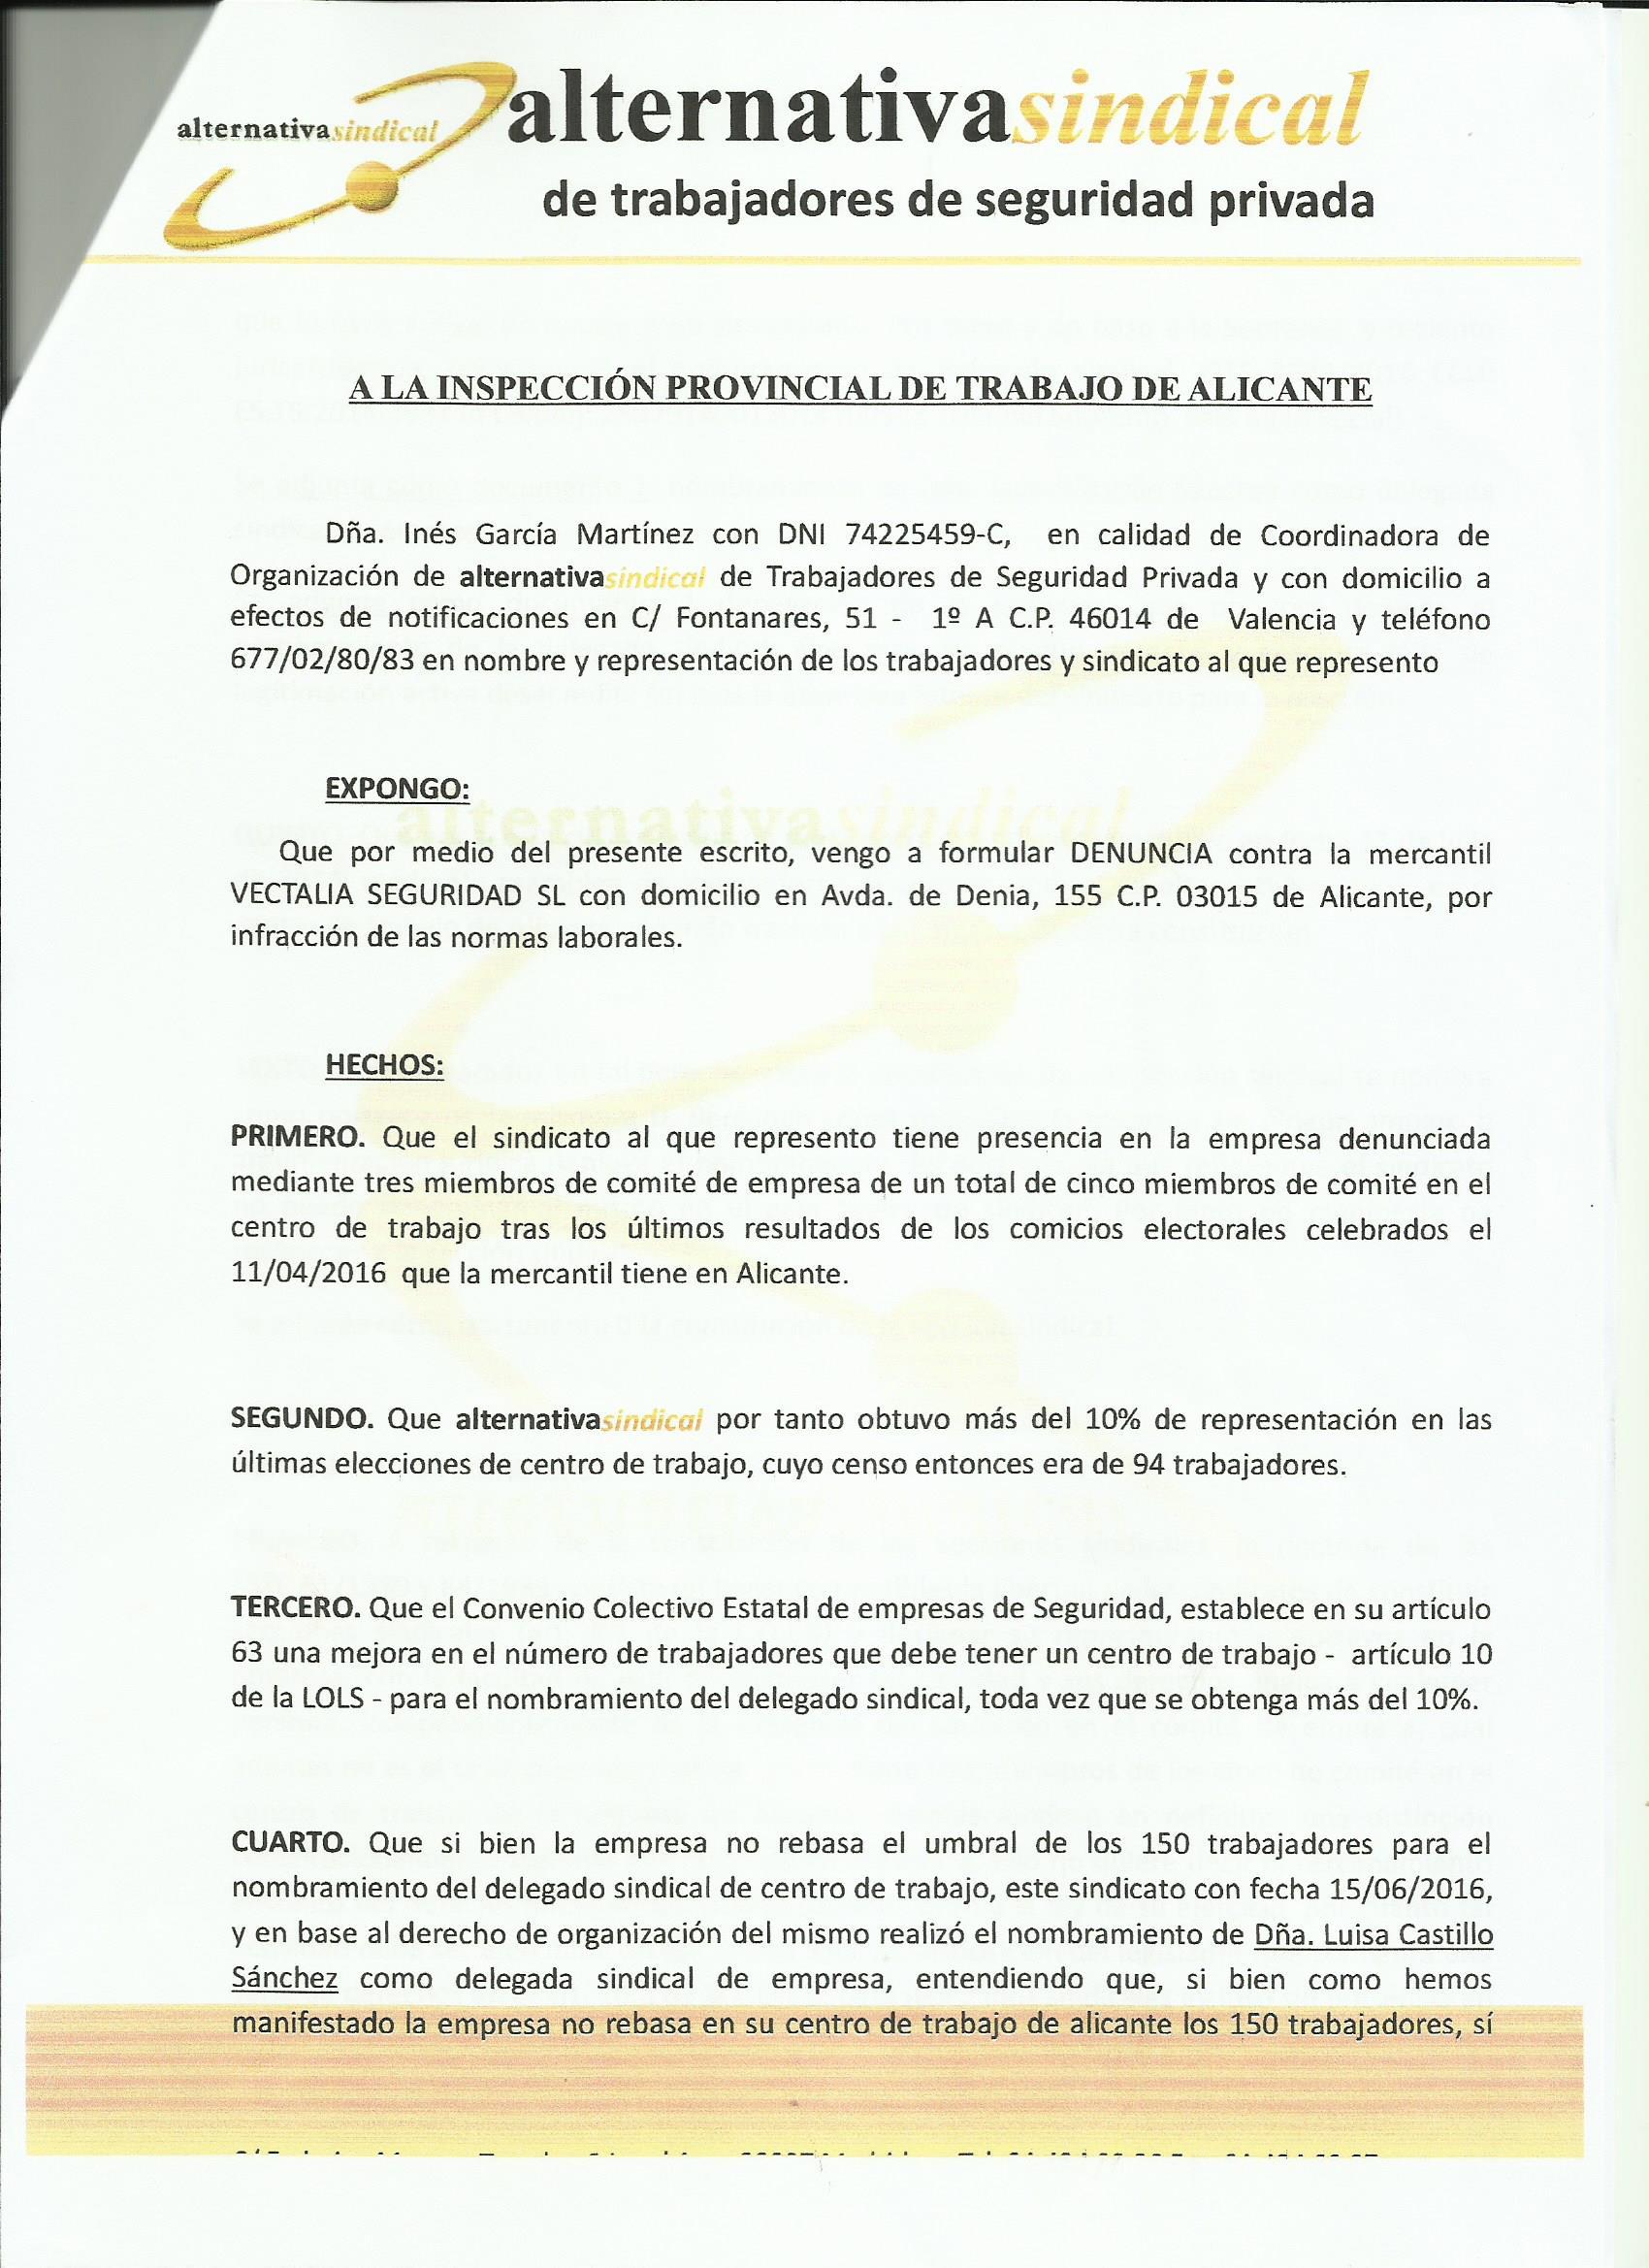 Alternativa Sindical En Alicante Denuncia A Vectalia